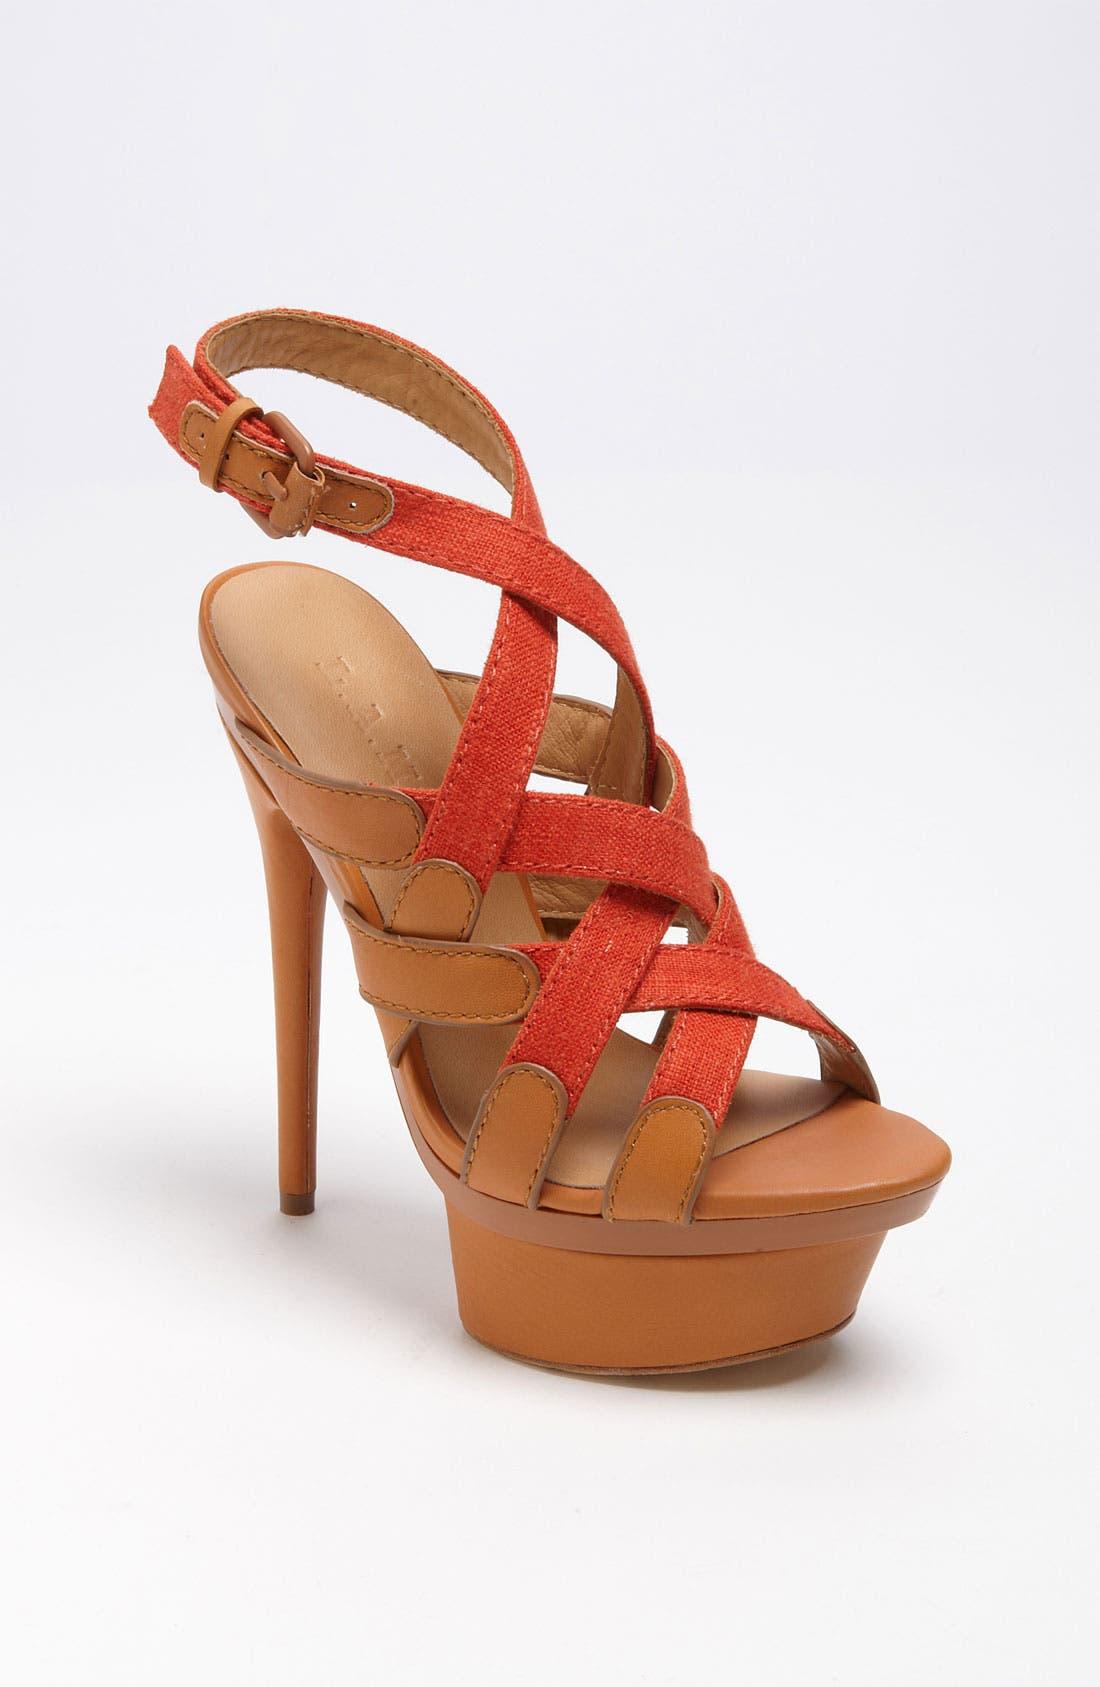 Main Image - L.A.M.B. 'Imogen' Sandal